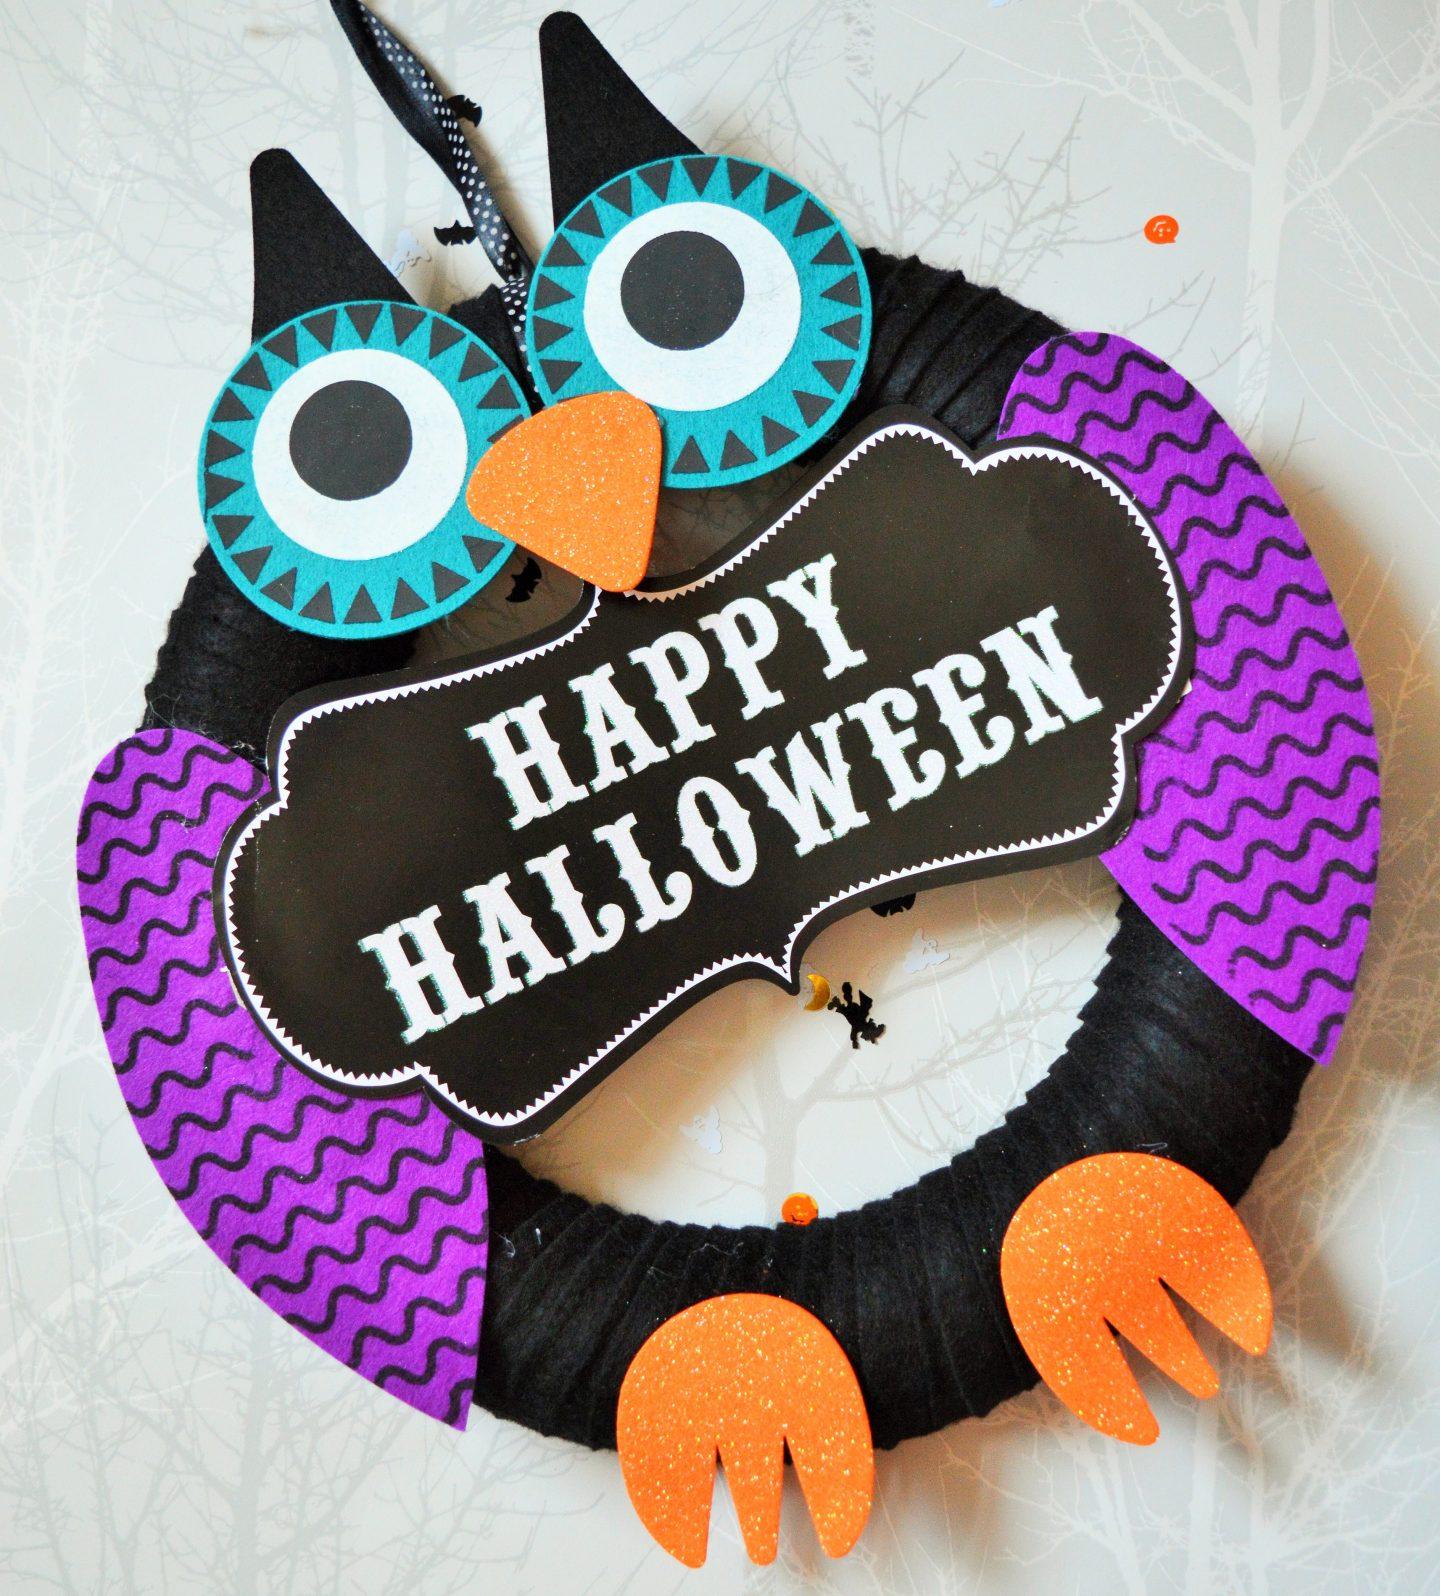 Halloween decorations from Wilko owl wreath